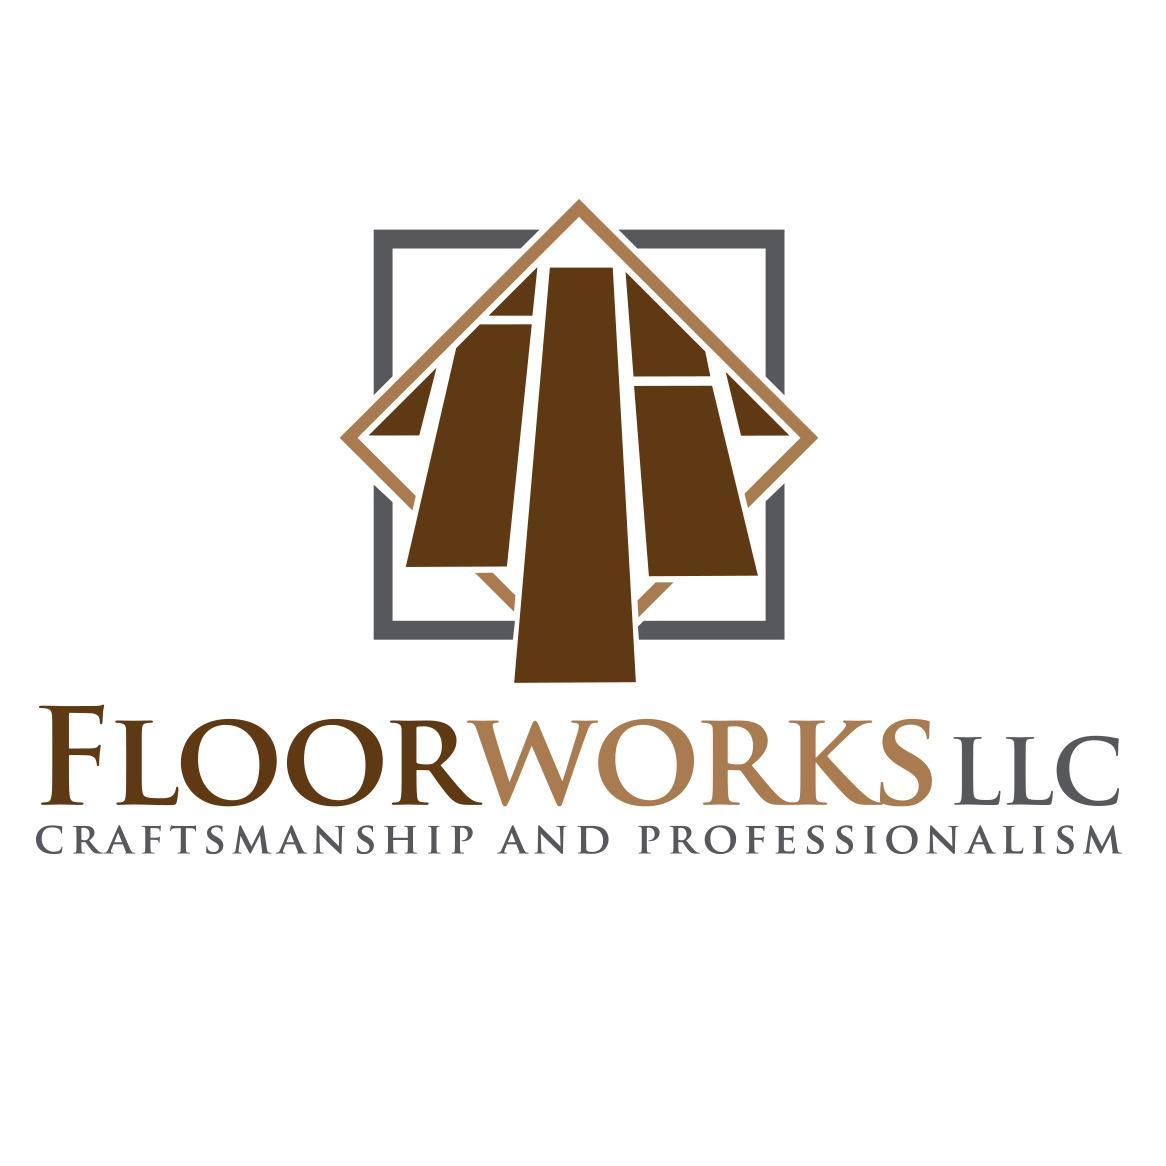 Floorworks LLC